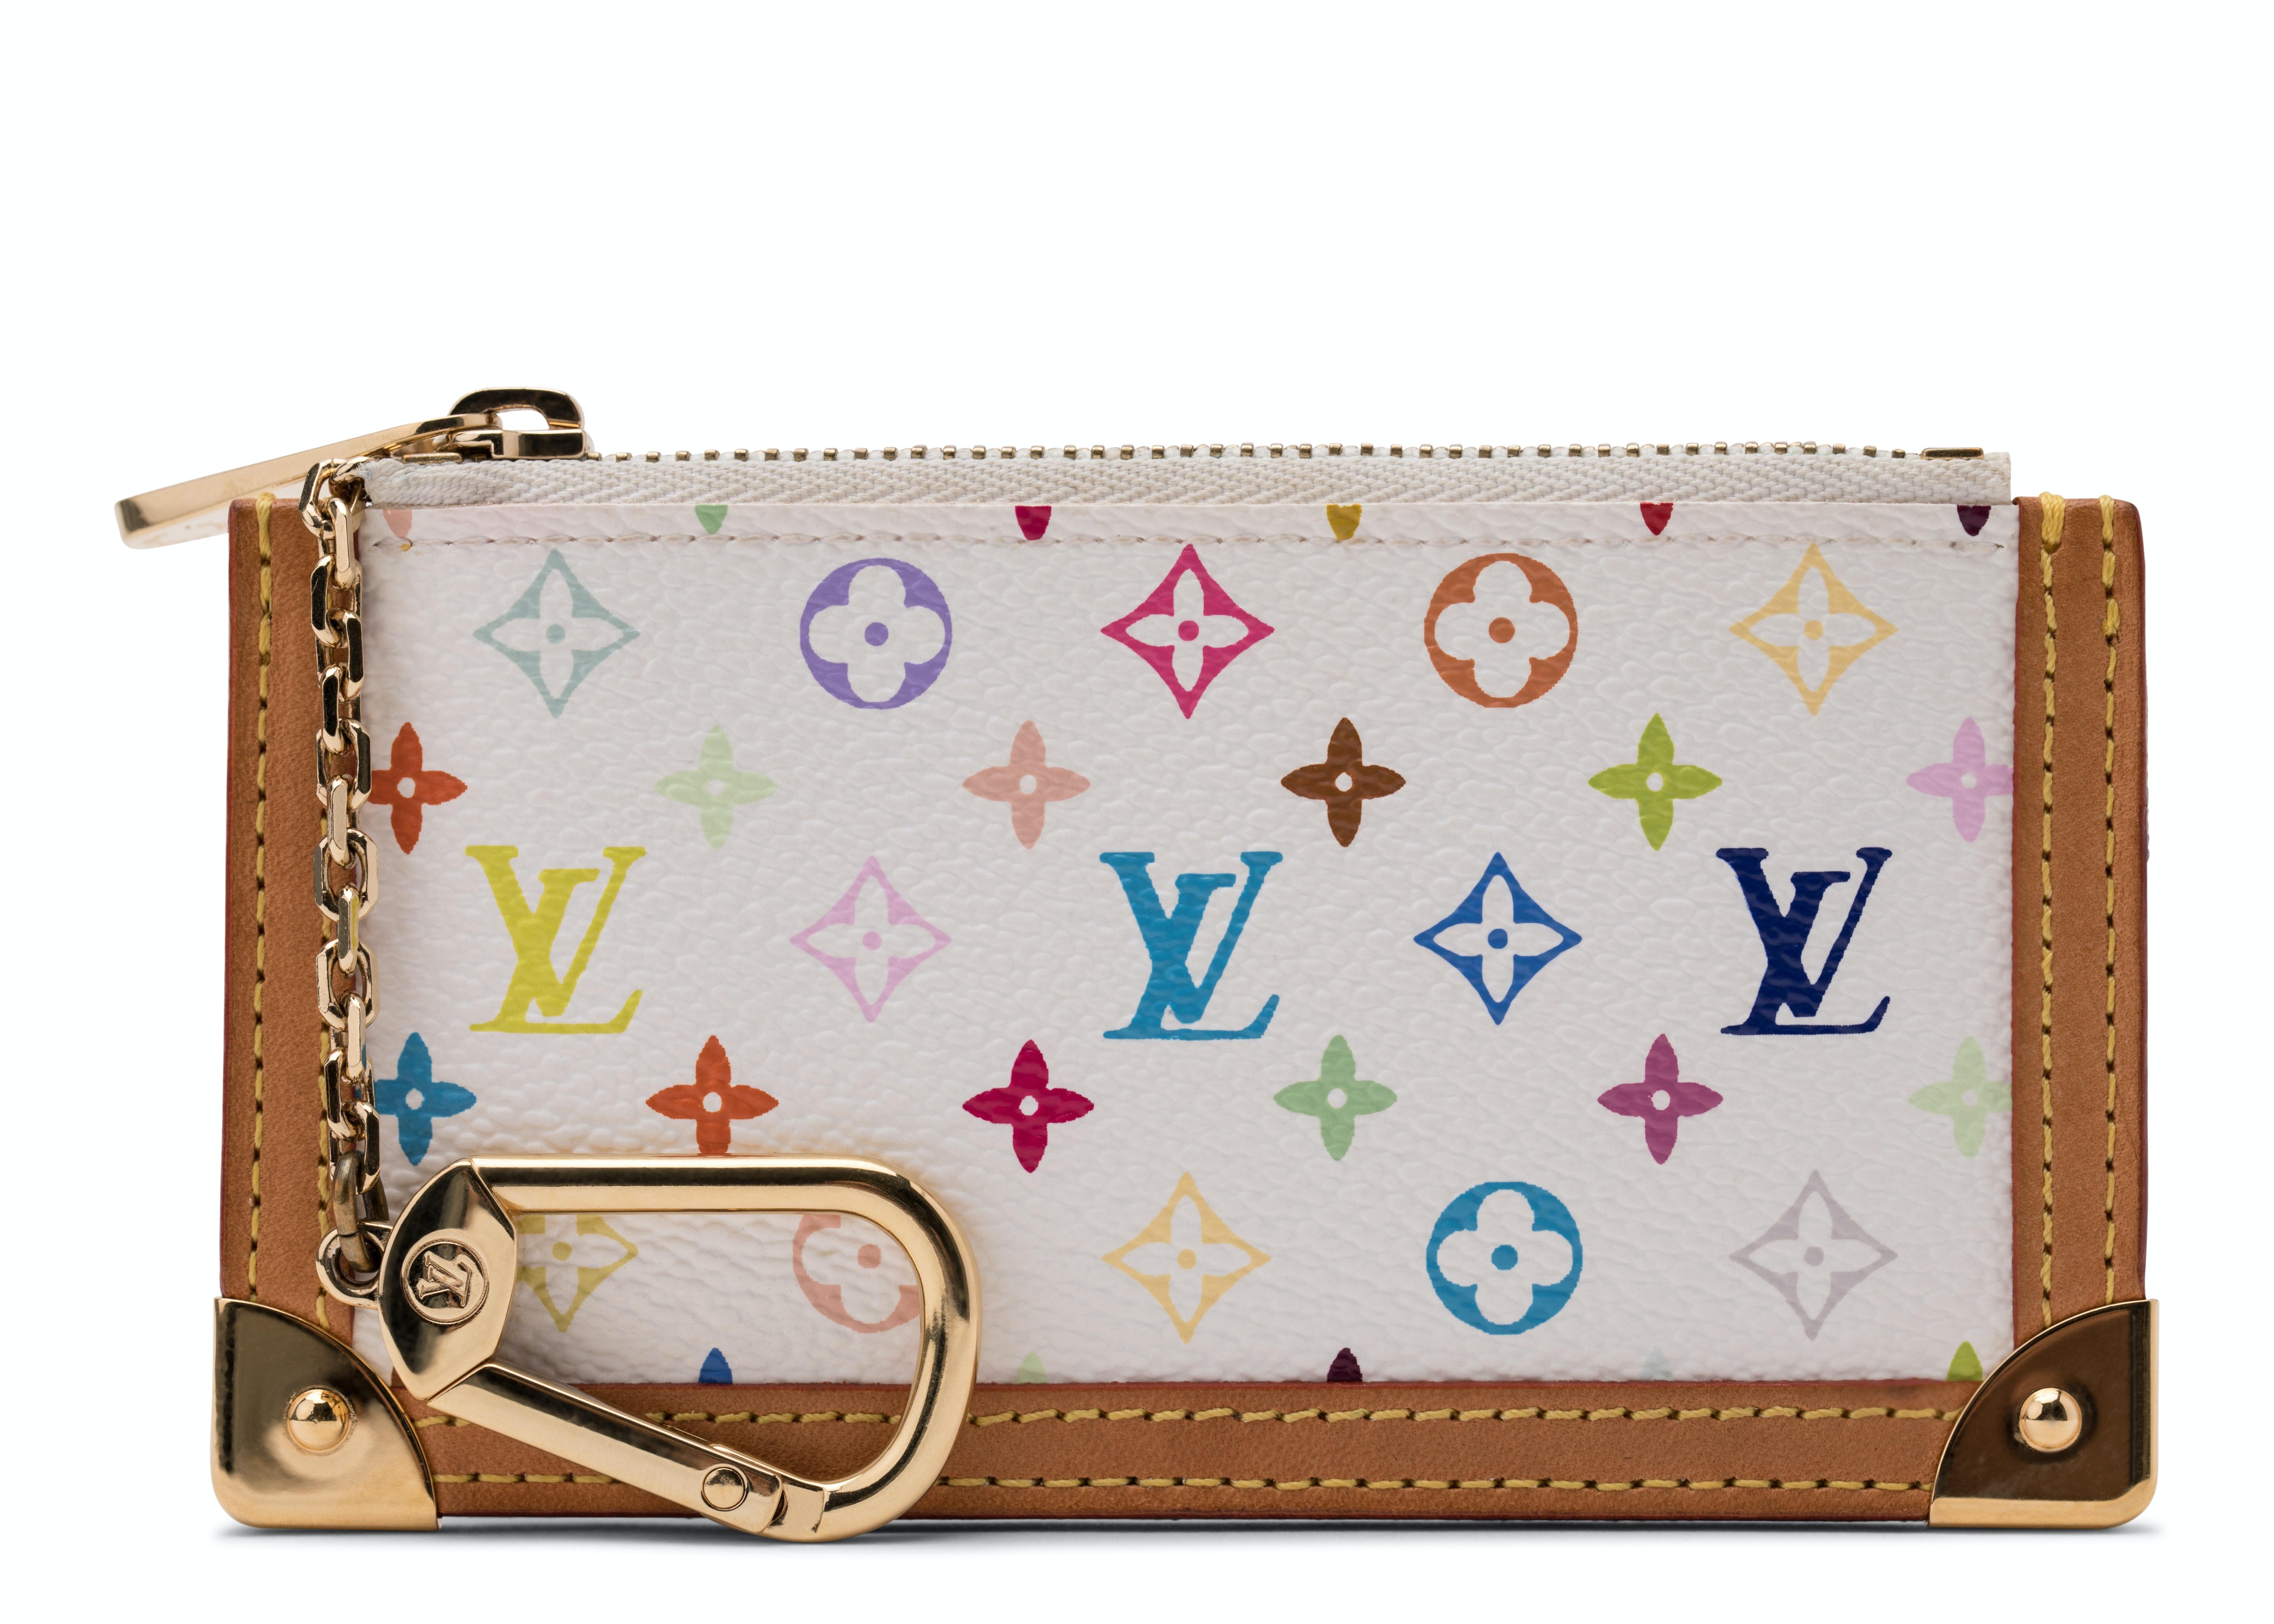 Louis Vuitton Key Pouch Monogram Multicolor White/Multicolor